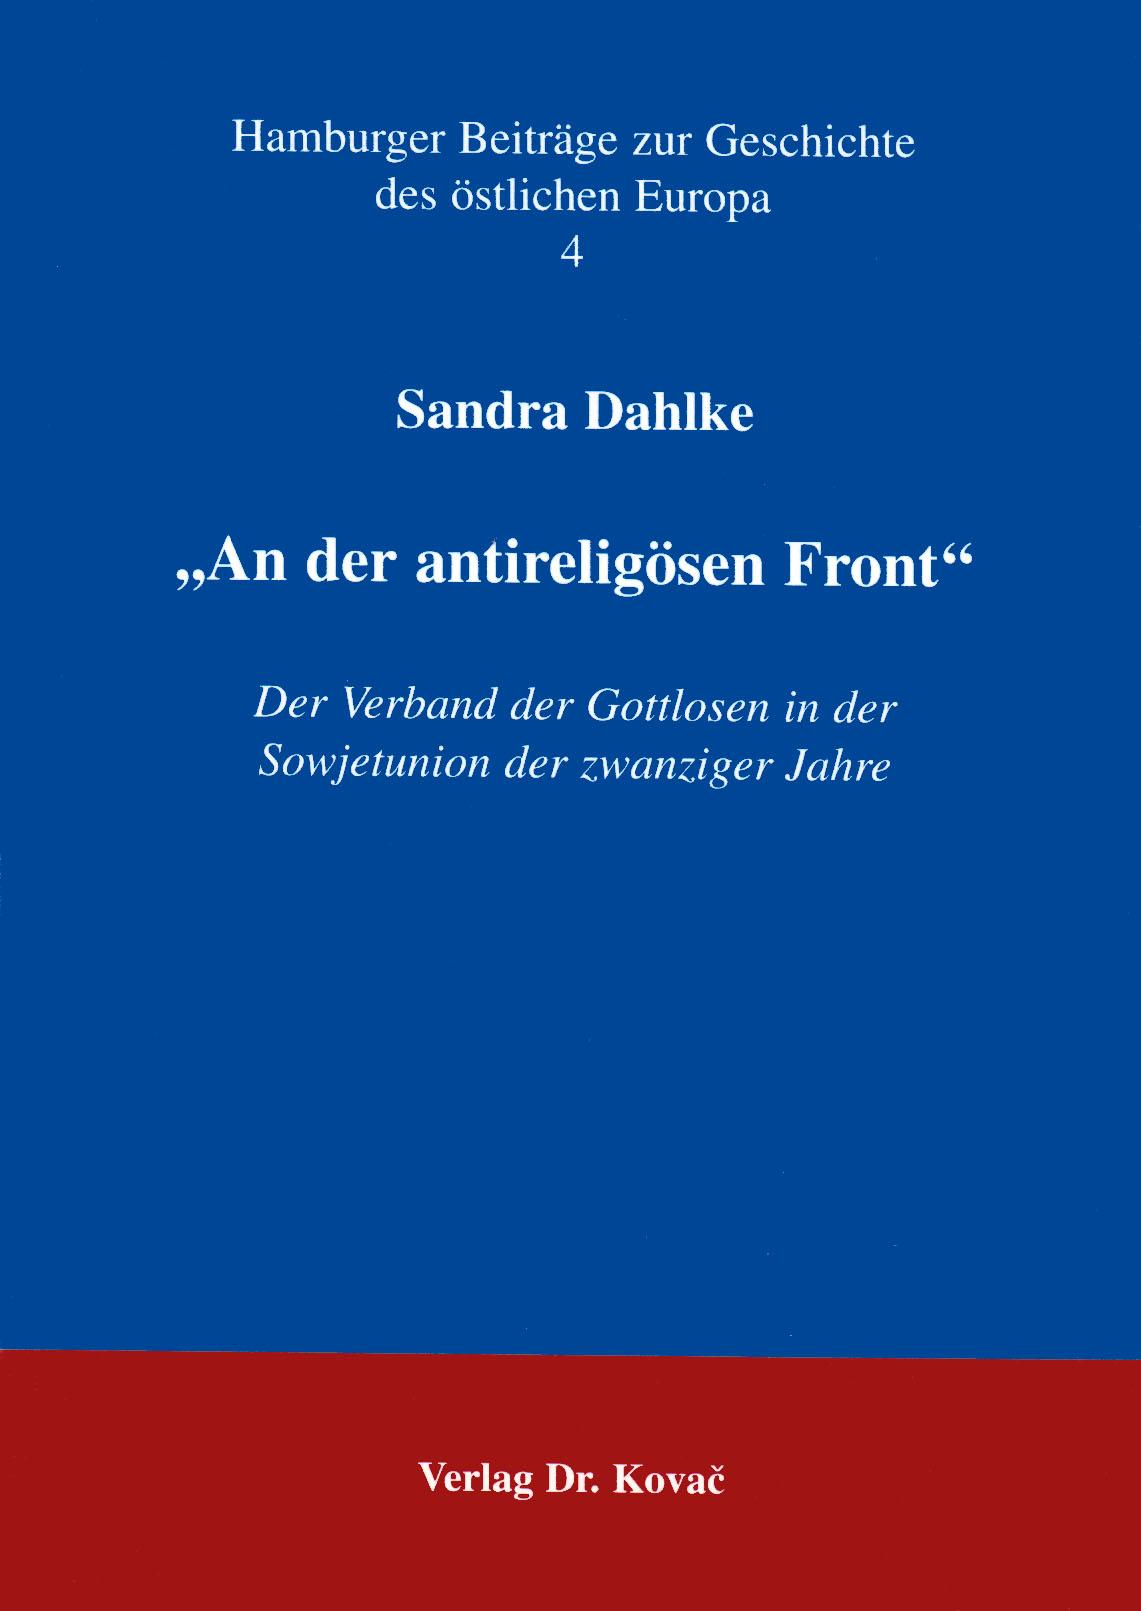 Cover: An der antireligiösen Front